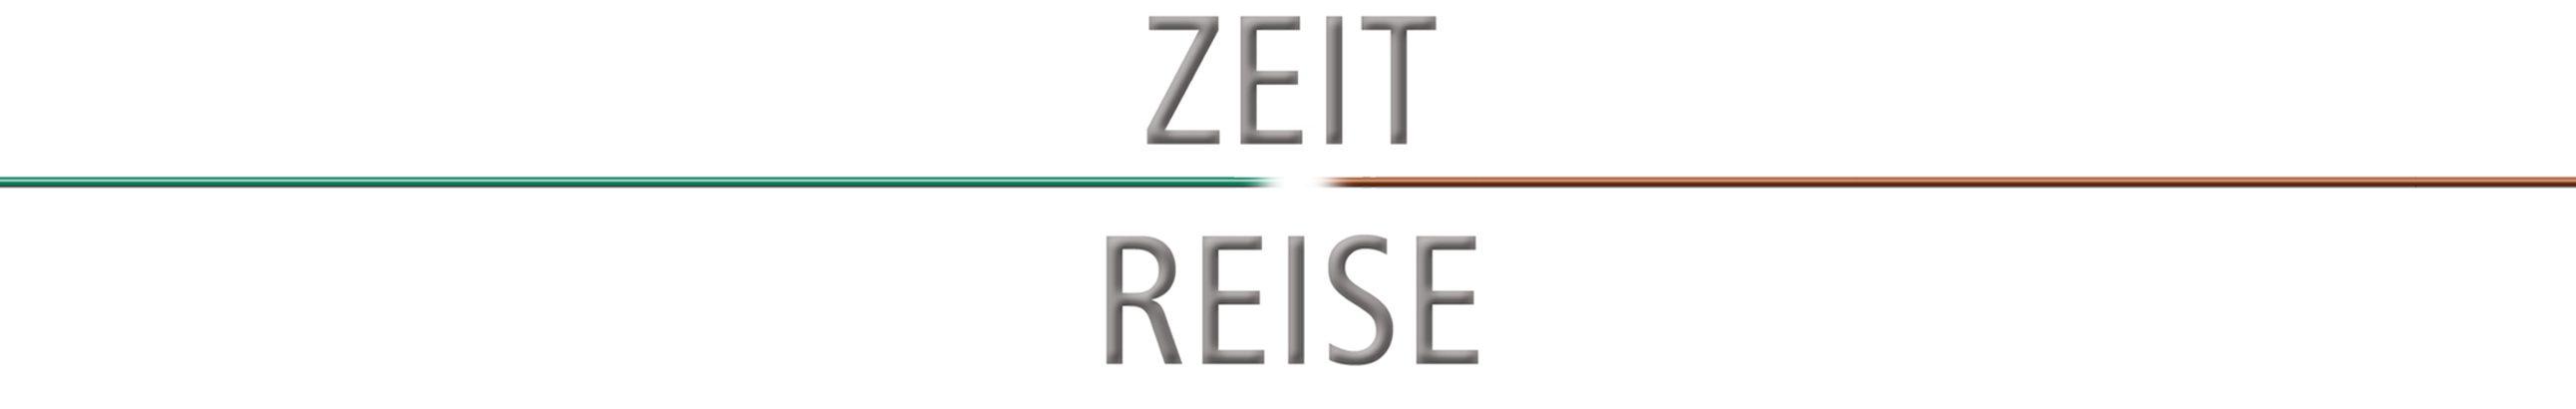 ZEIT REISE – die Edition